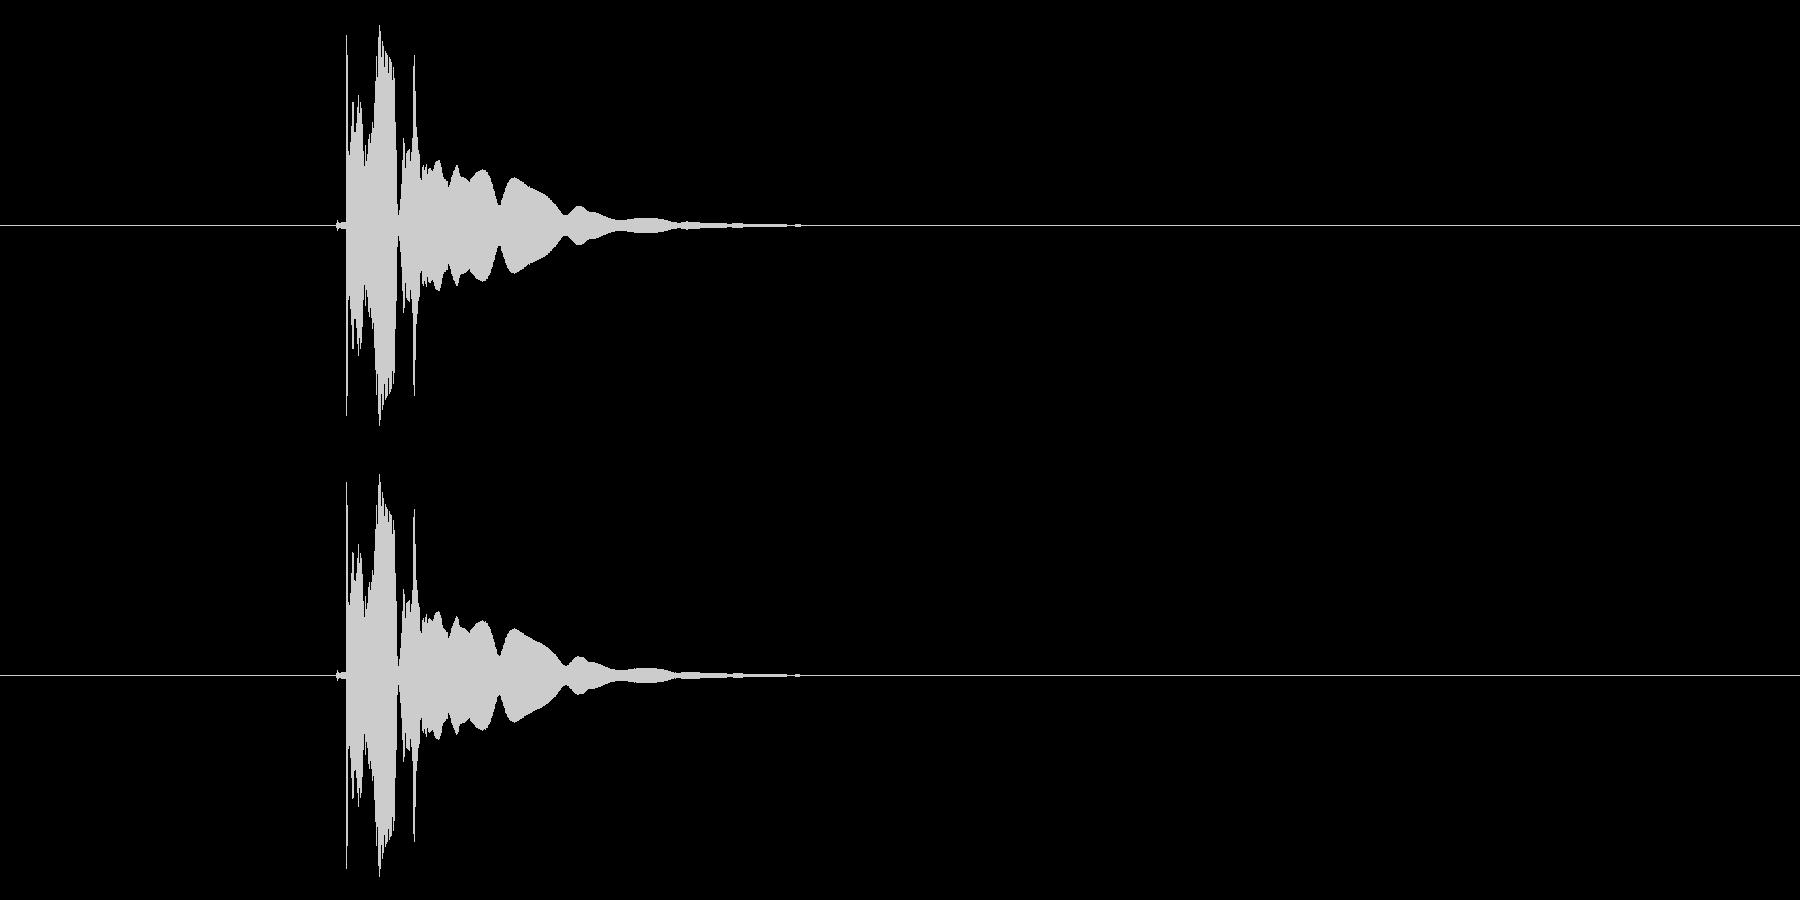 キュイーン(決定音、プッシュ音)の未再生の波形